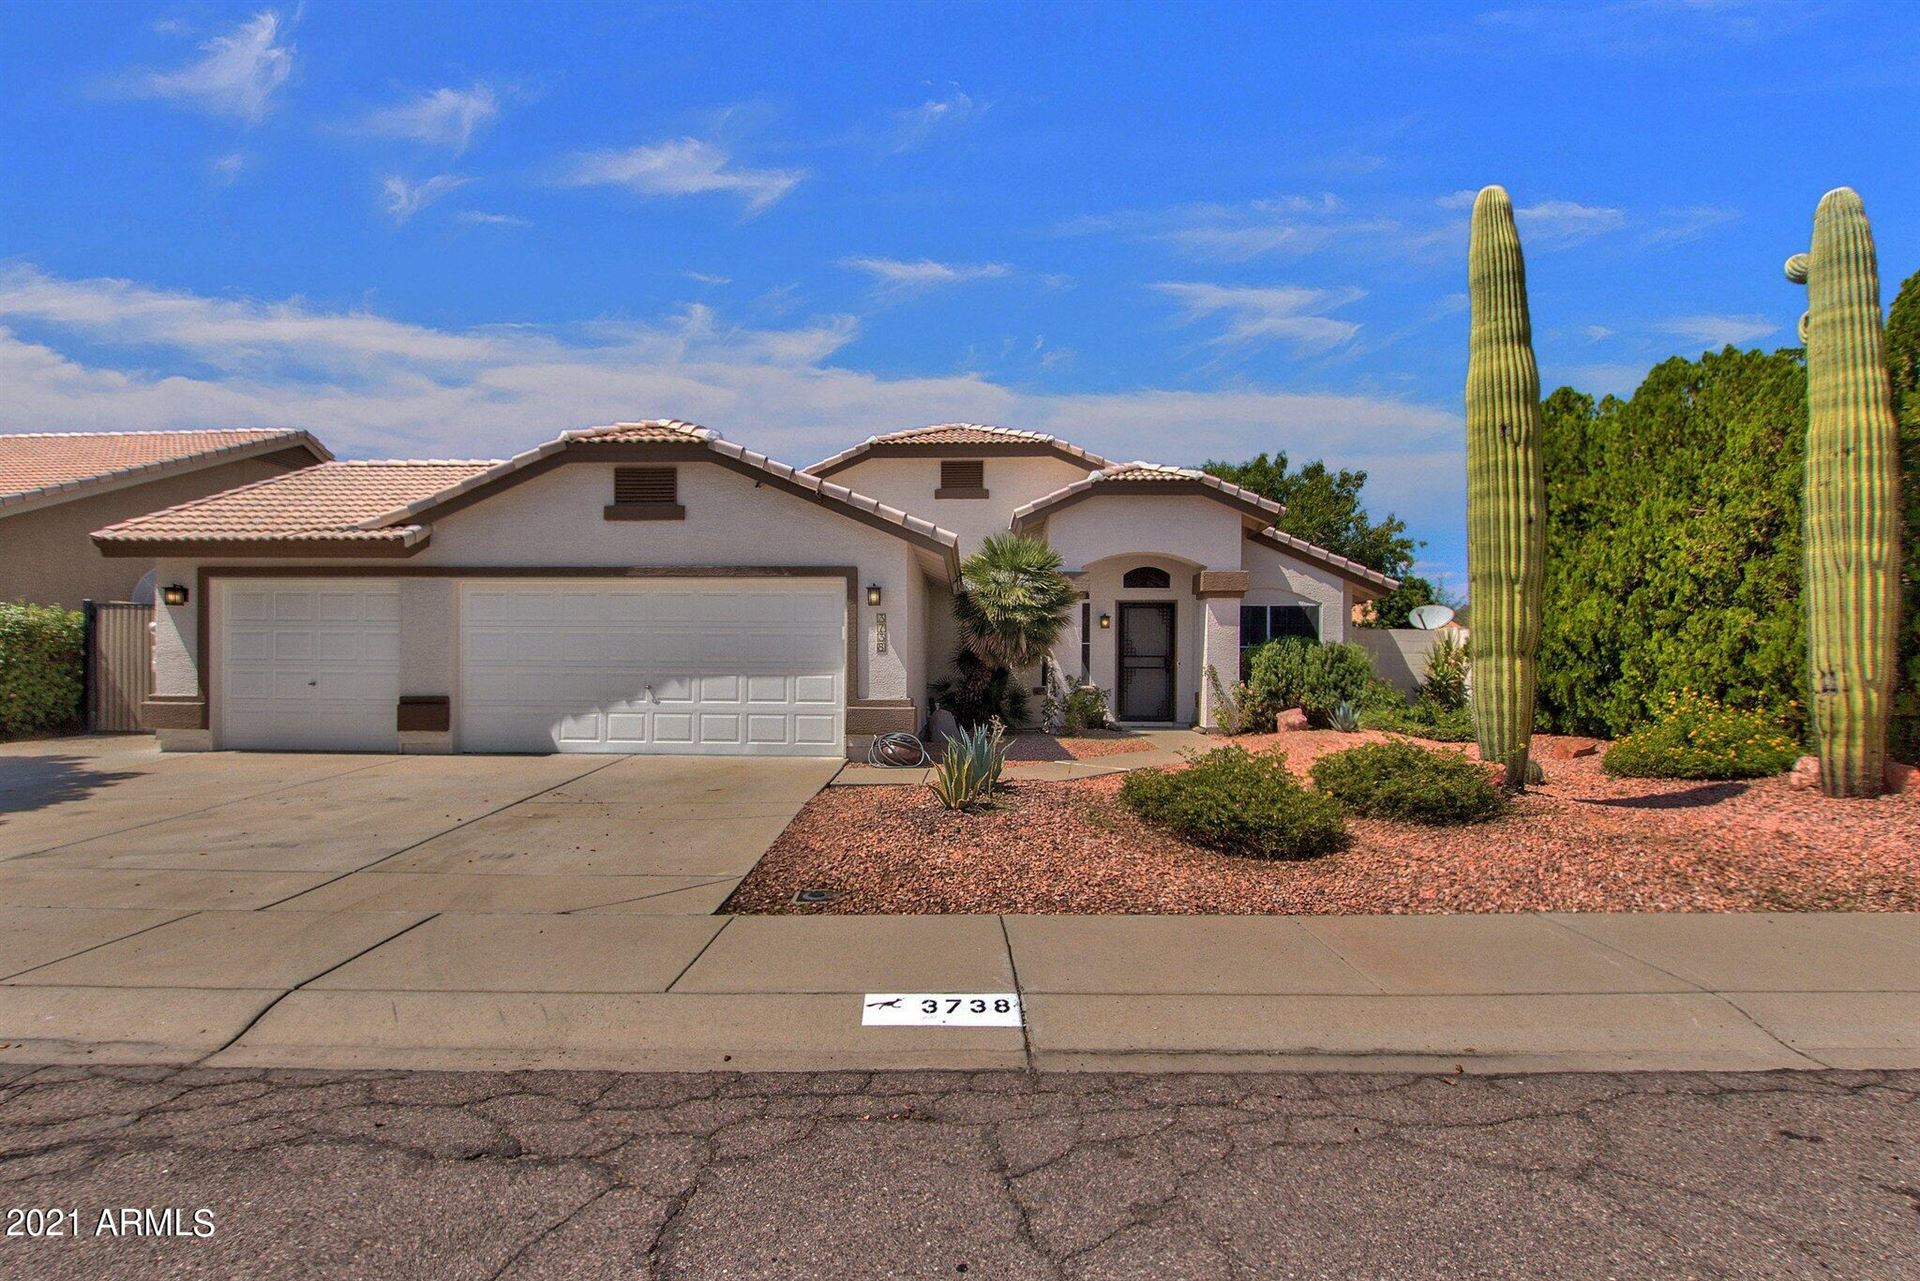 Photo of 3738 W Mariposa Grande Lane, Glendale, AZ 85310 (MLS # 6293899)